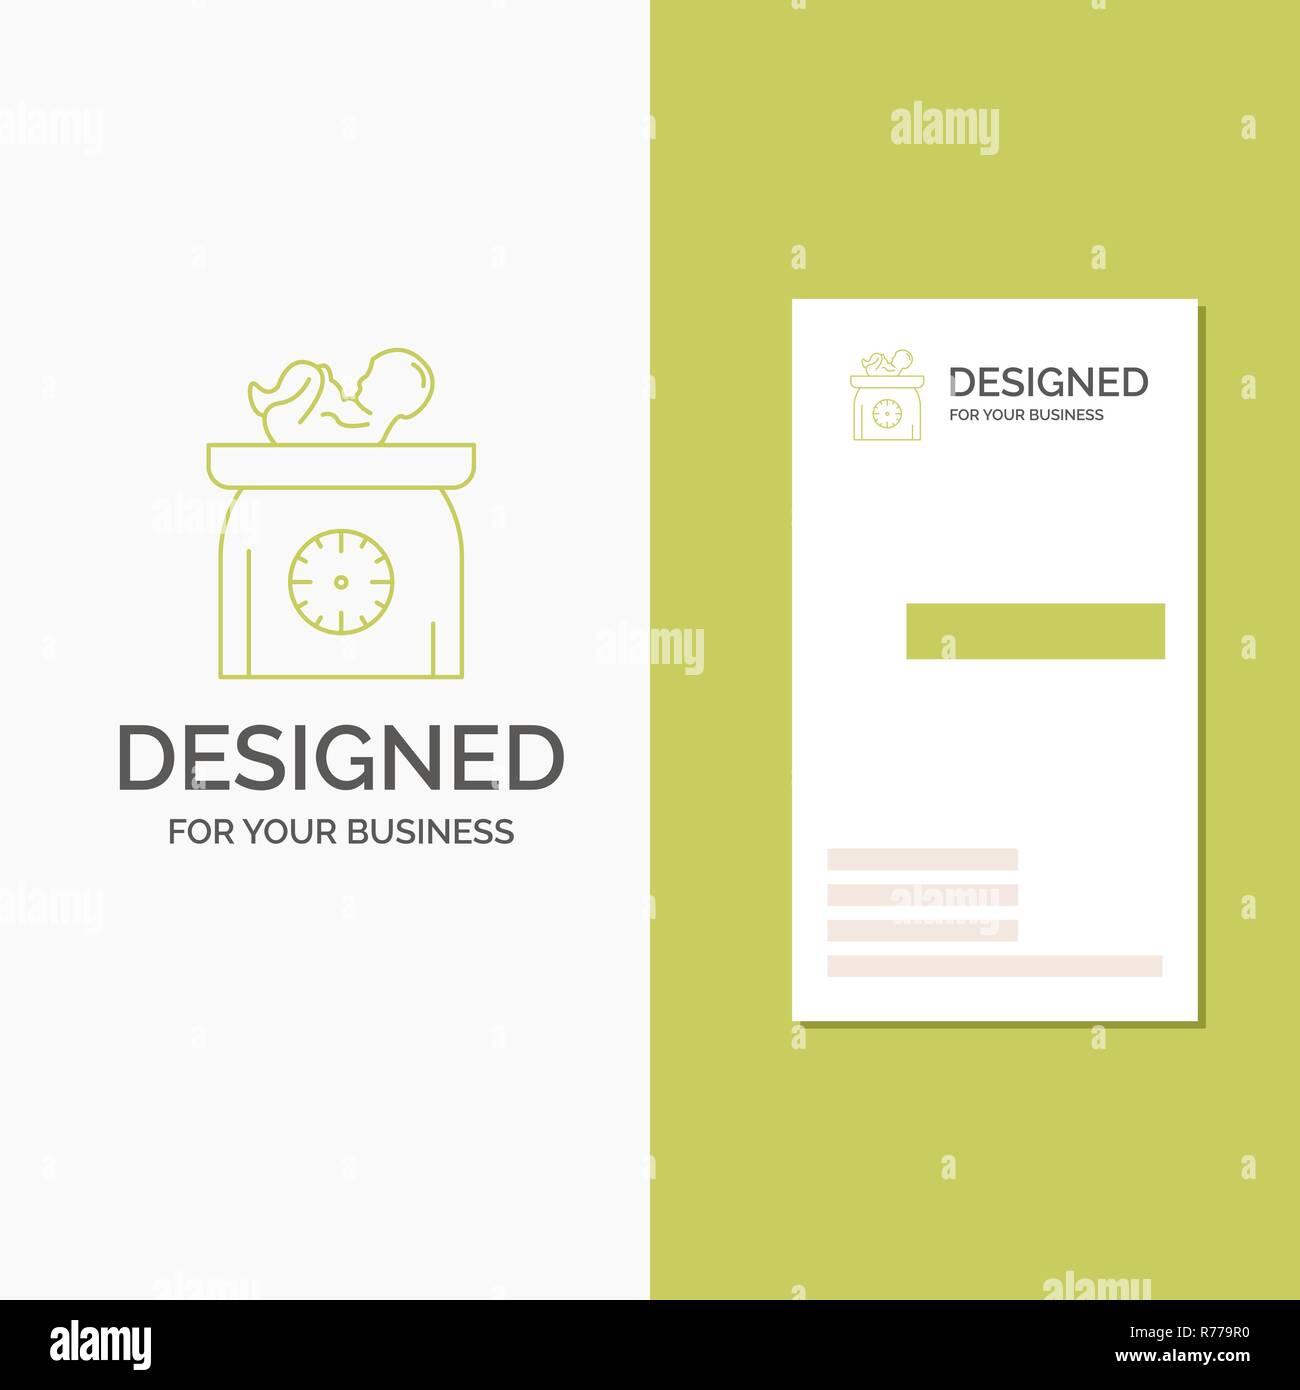 Logo Dentreprise Pour Le Poids Bebe Nouveau Ne Balances Gamin Lentreprise Verte Verticale Modele De Carte Visite Arriere Plan Creatif Vector